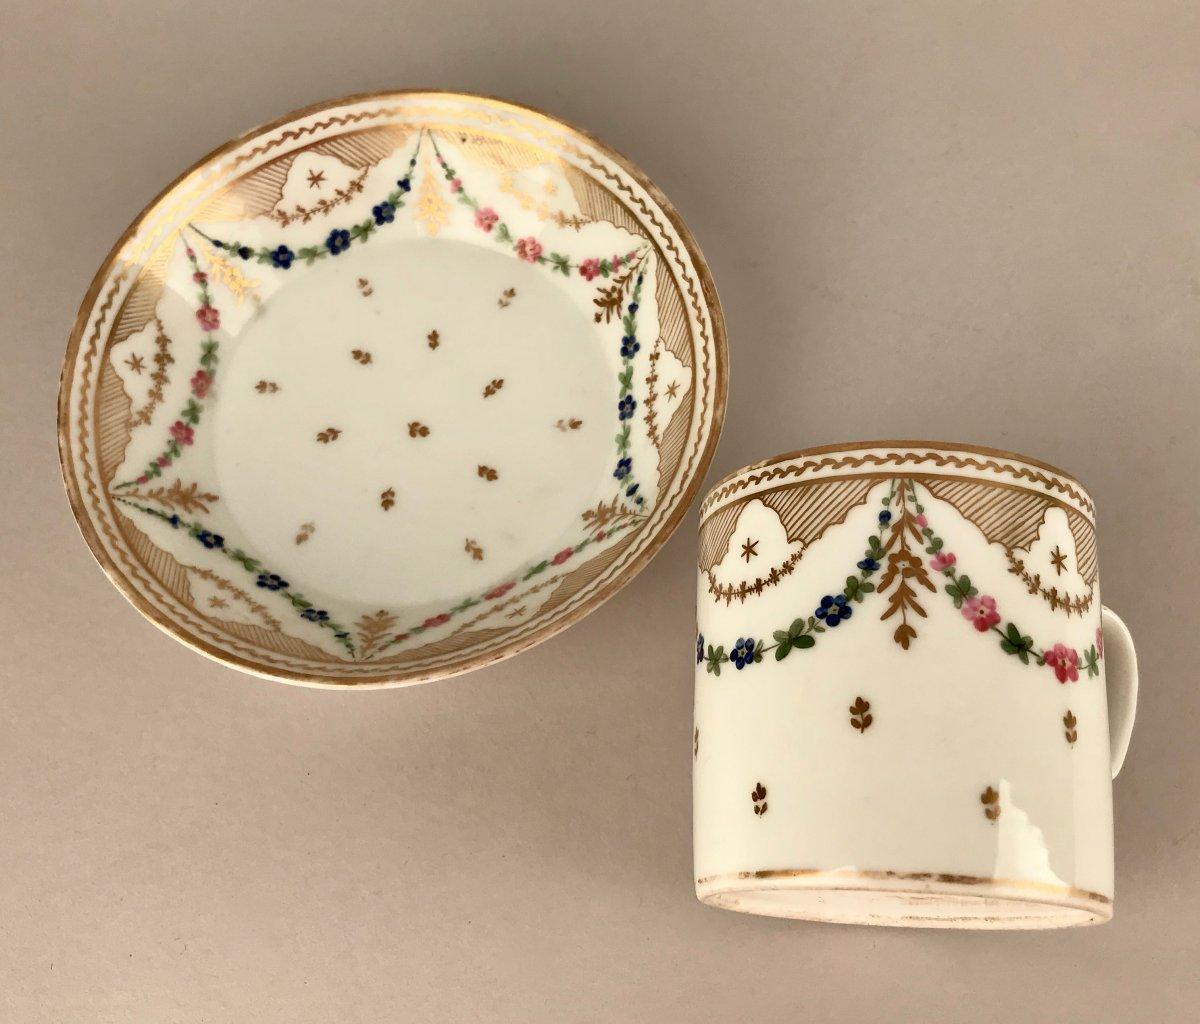 NAST. Tasse En Porcelaine XIXème siècle-photo-3